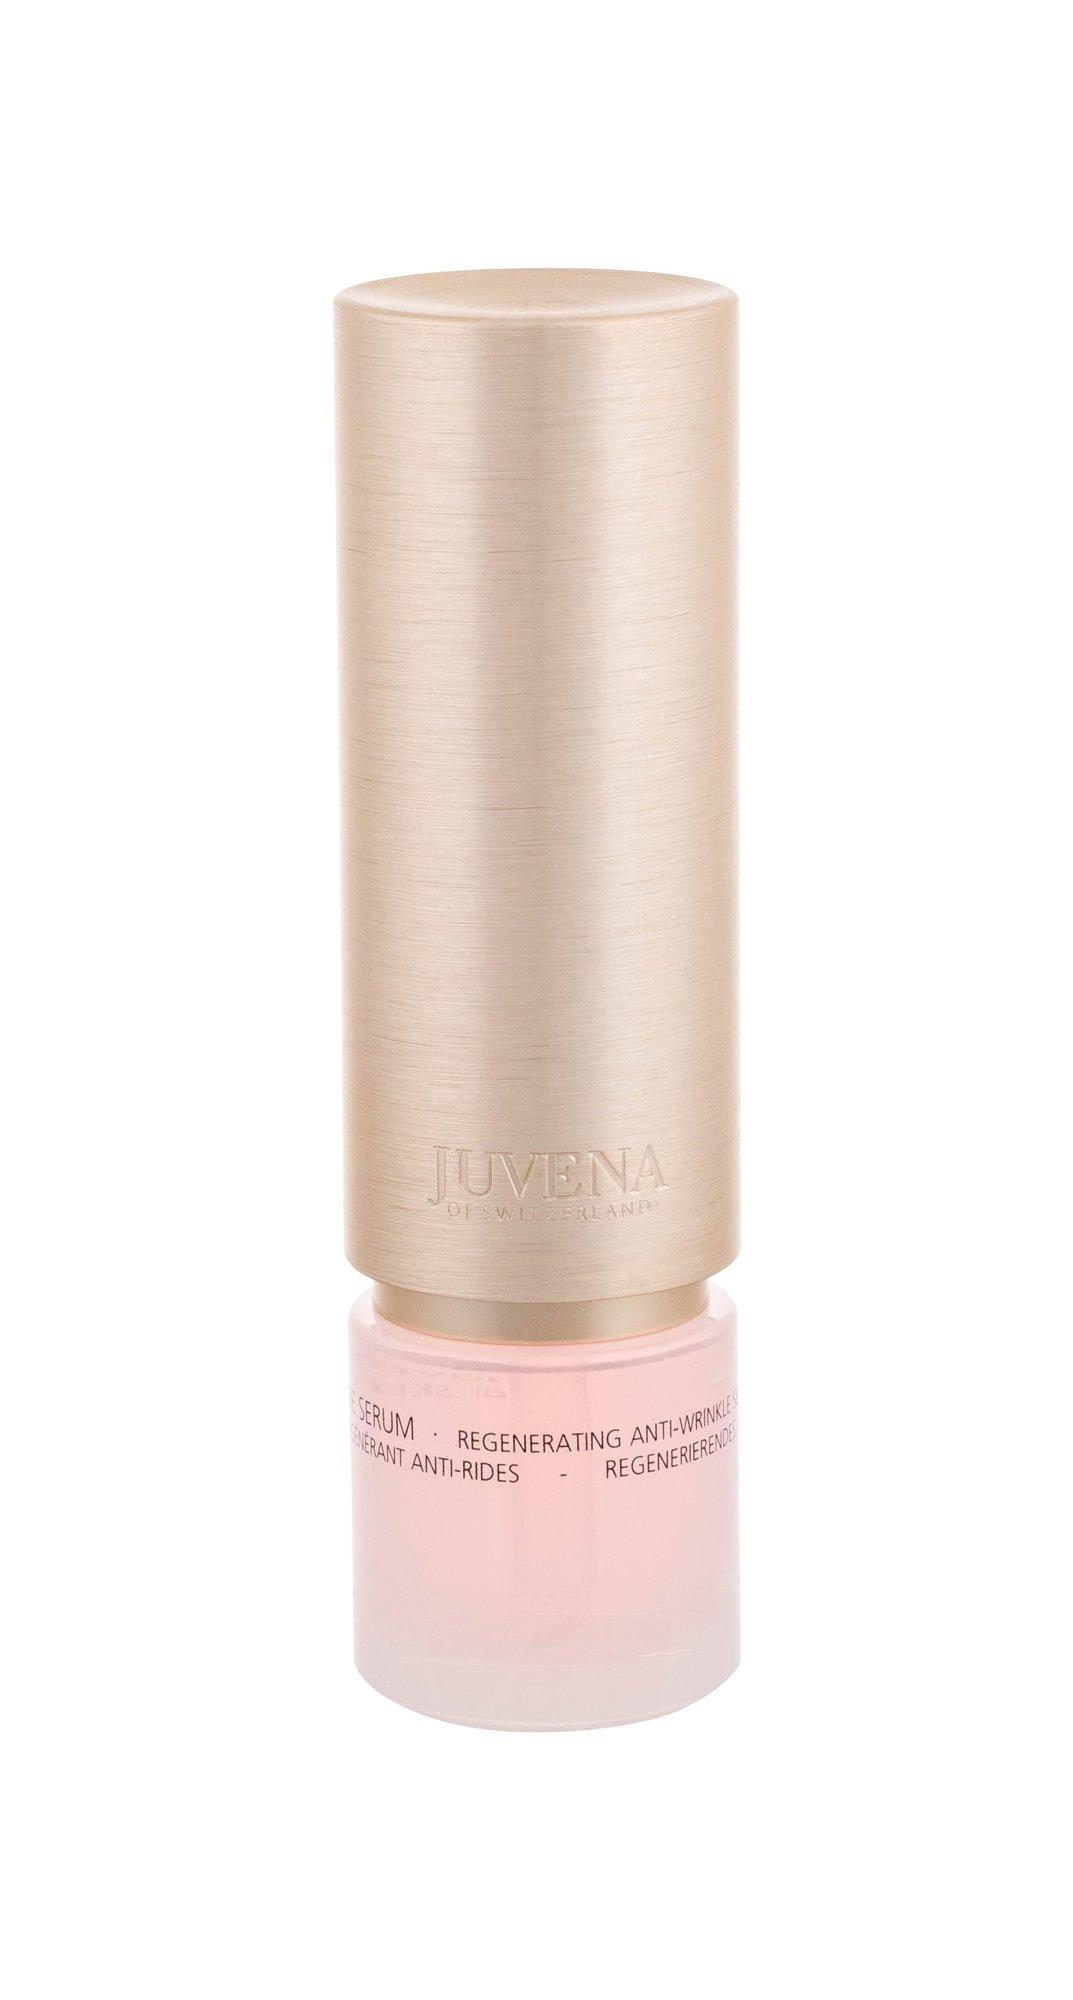 Juvena Juvelia Skin Serum 30ml